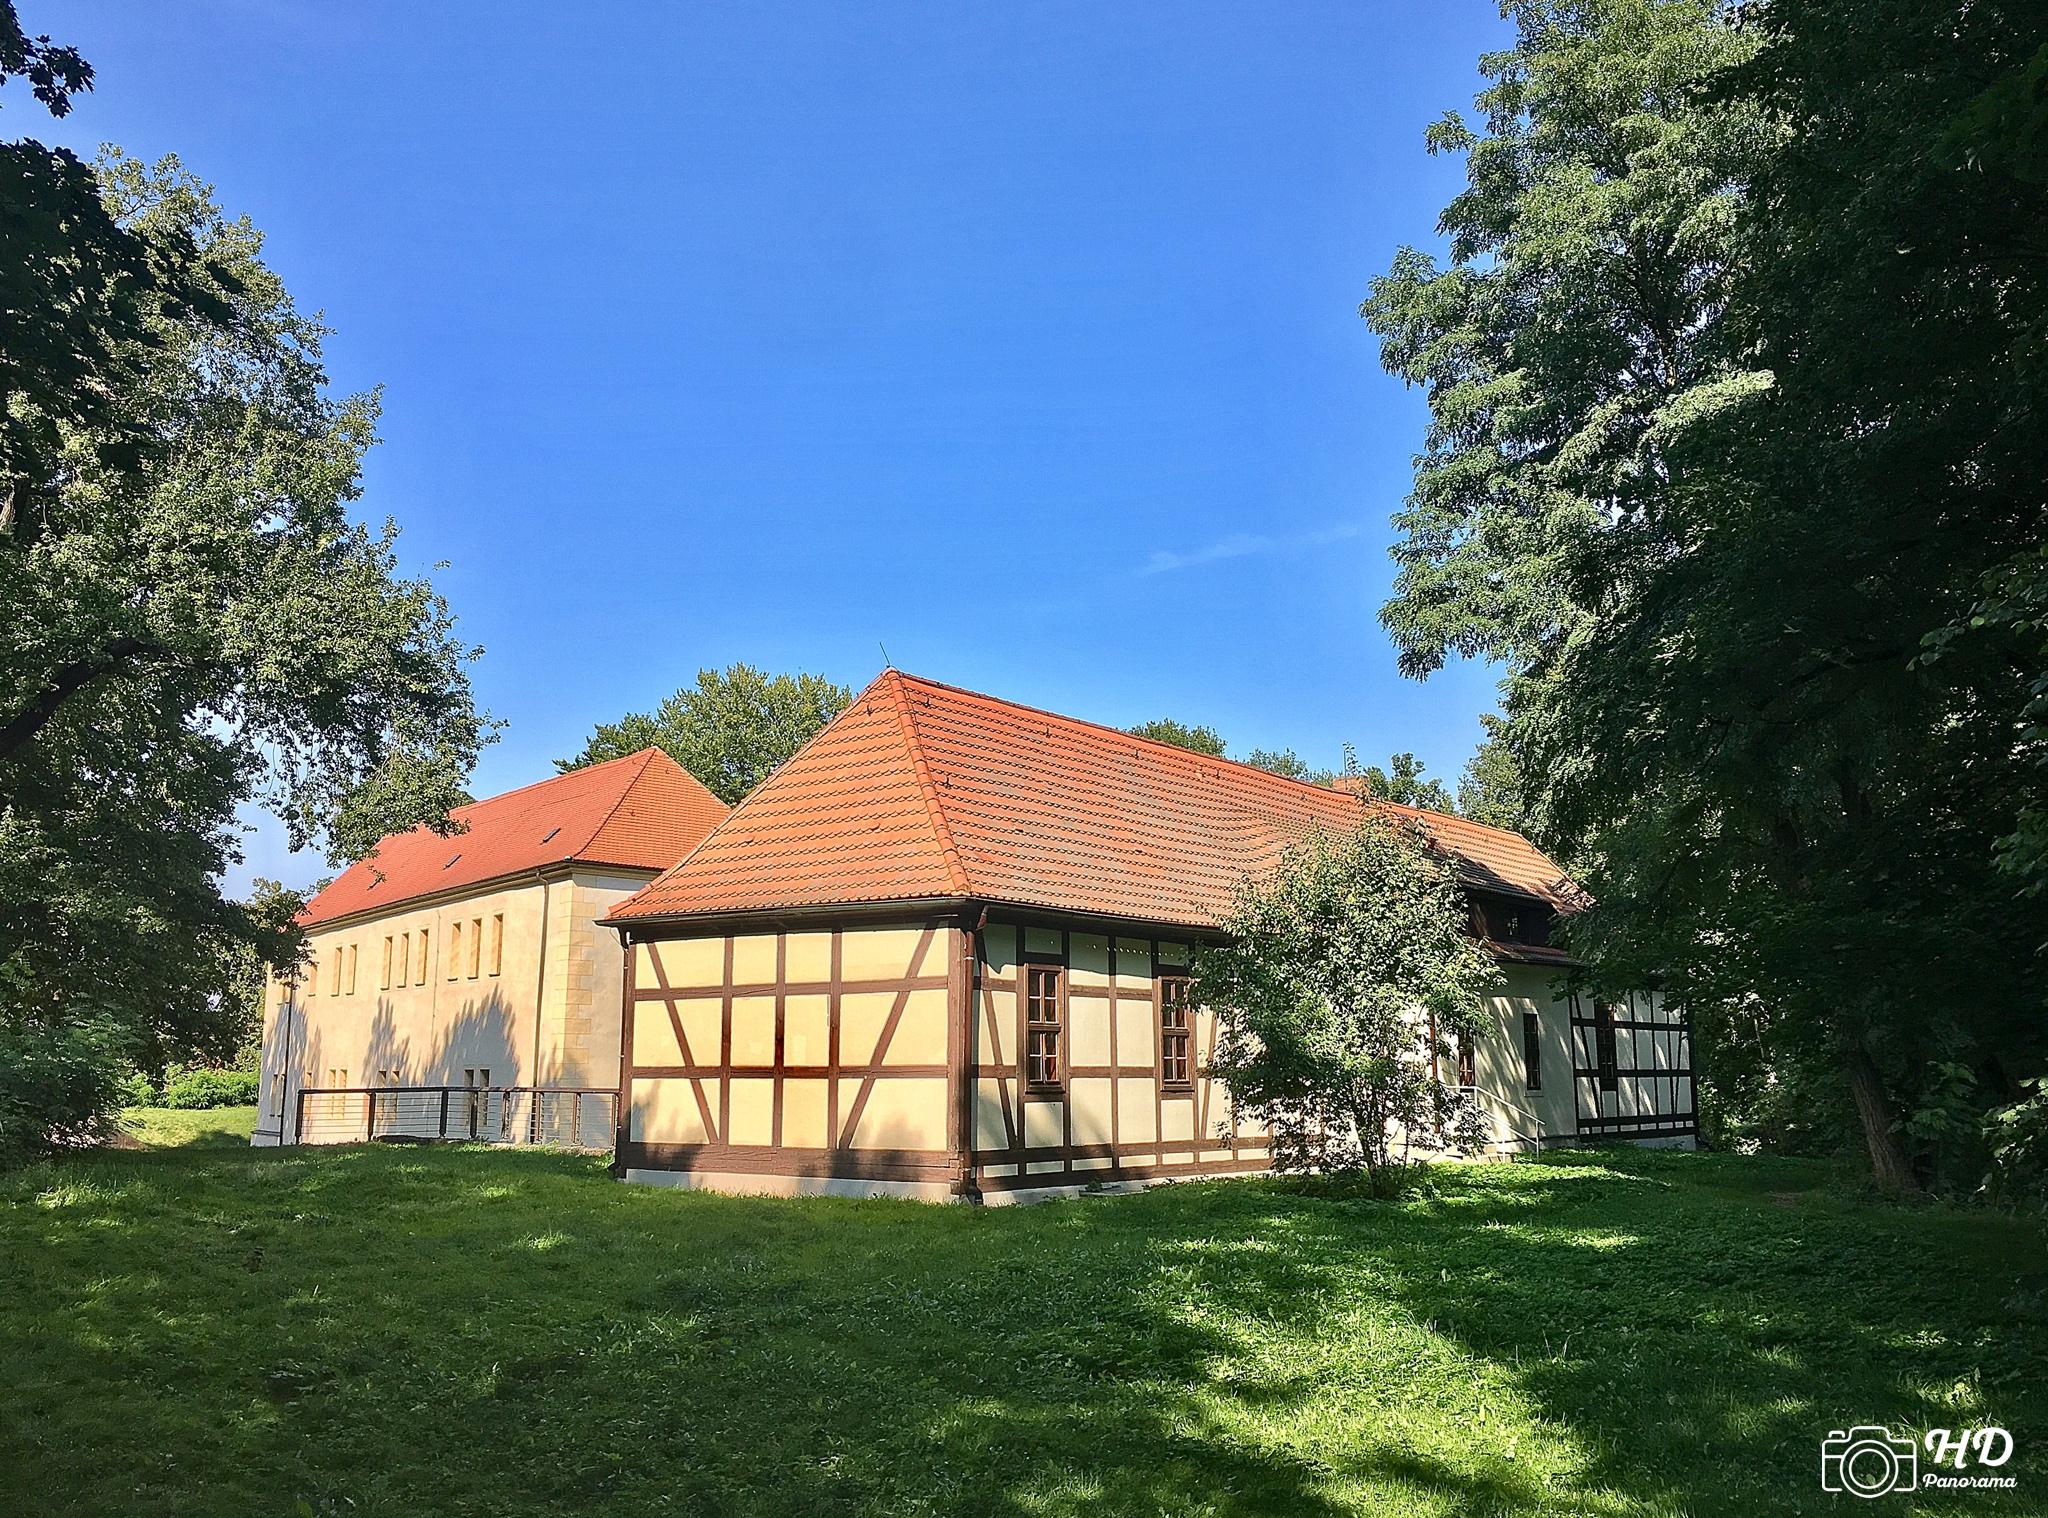 Das Kommandantenhaus (Rückseite) am Schloss und Festung Senftenberg, Foto © René Blanke